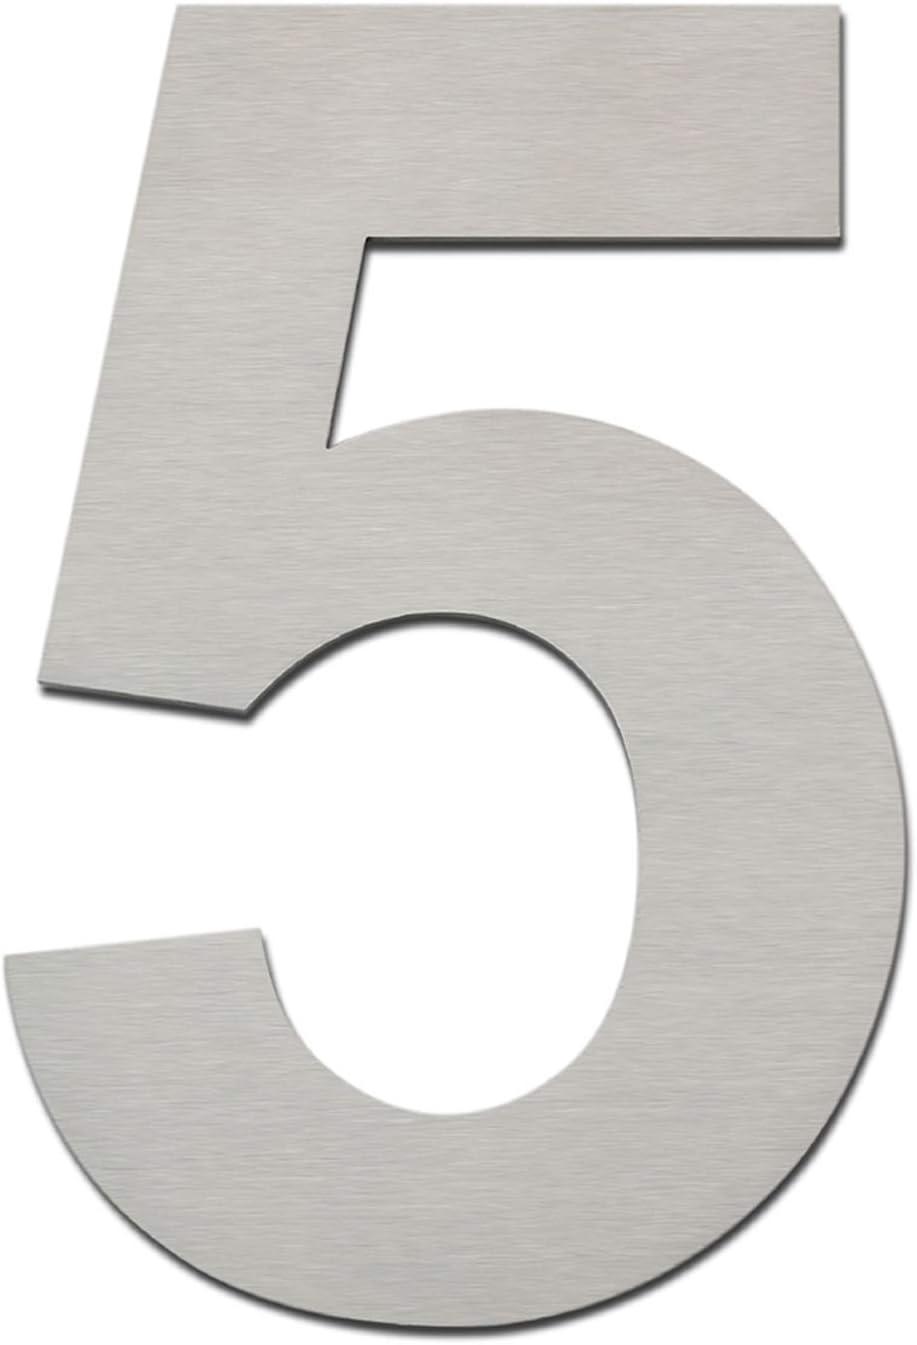 0, 10cm Edelstahl Hausnummer zum Anschrauben Schwebender Optik Hausnummer Hausnummer